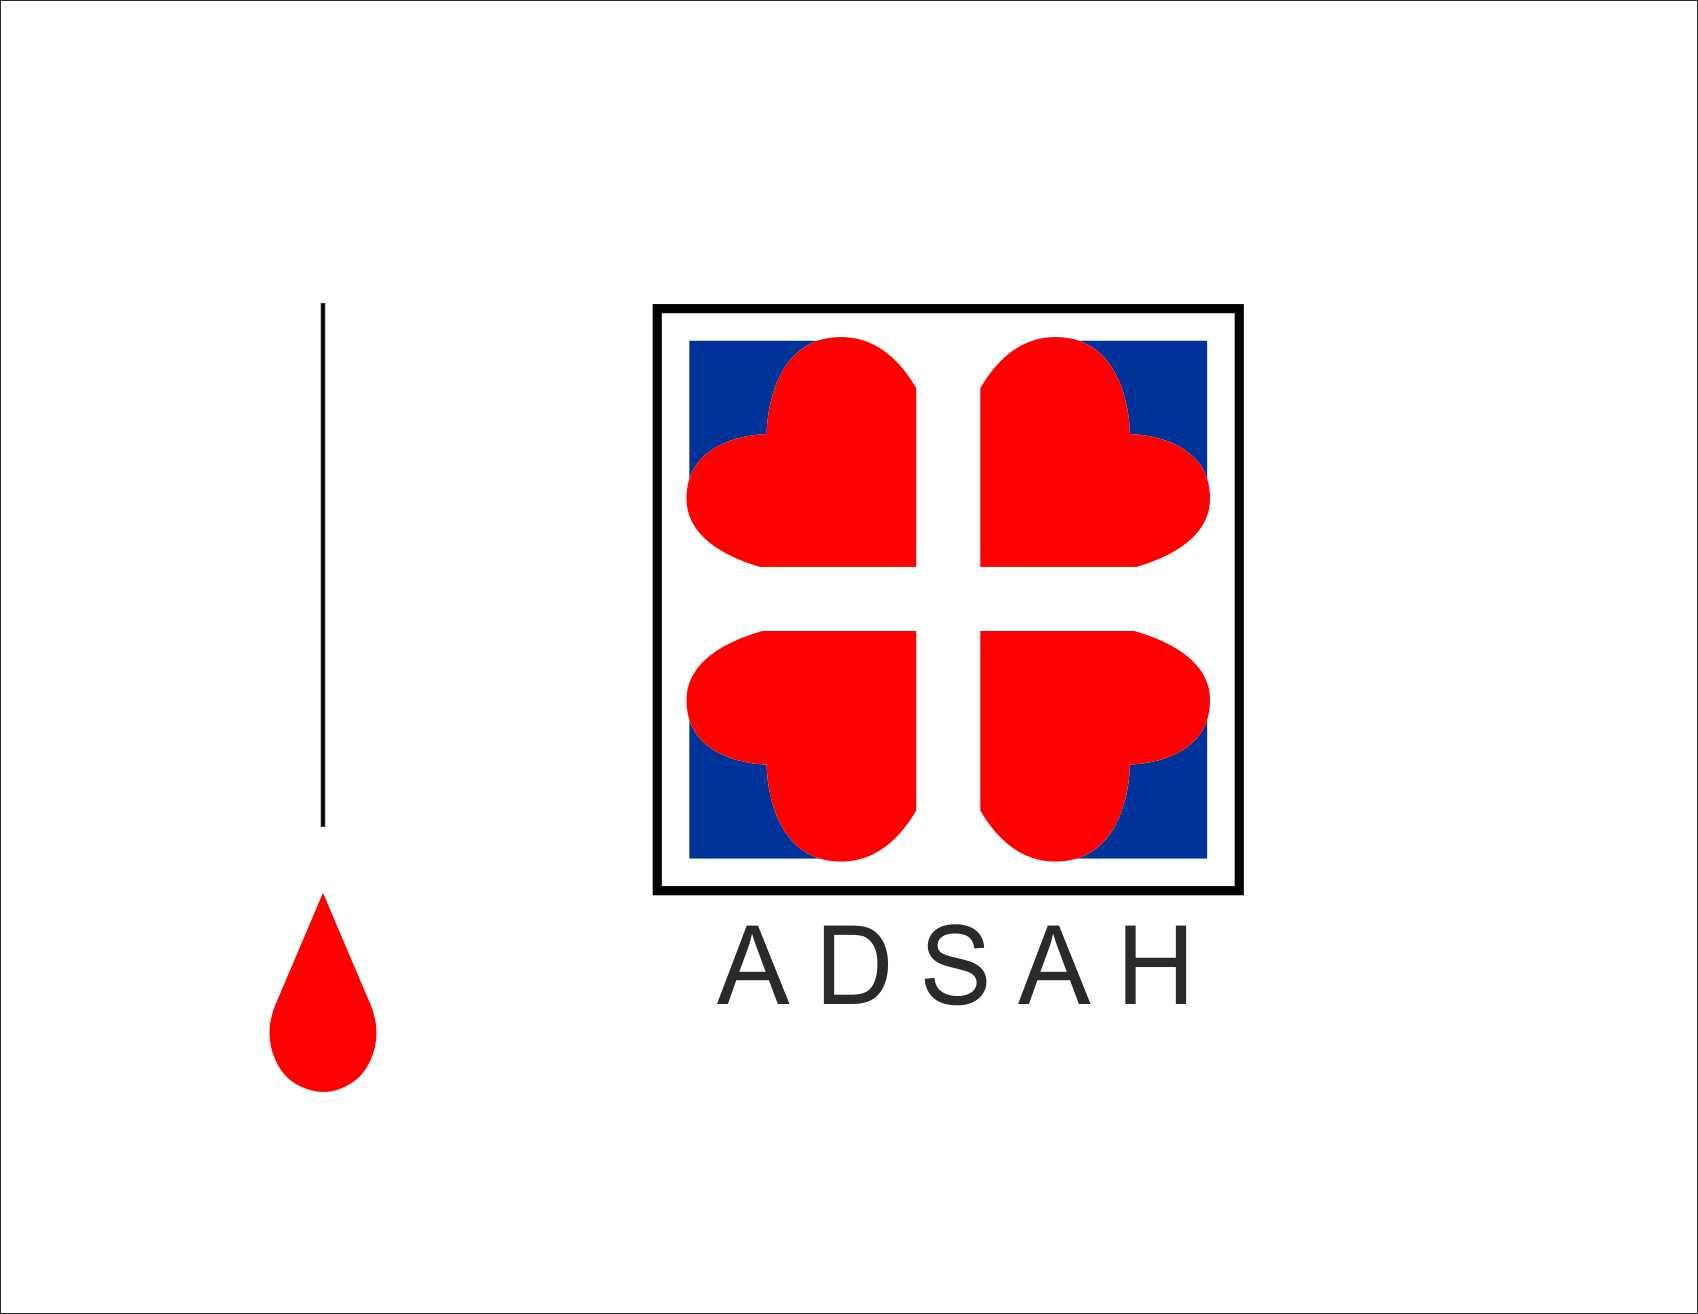 Associação de Dadores de Sangue de Angra do Heroísmo